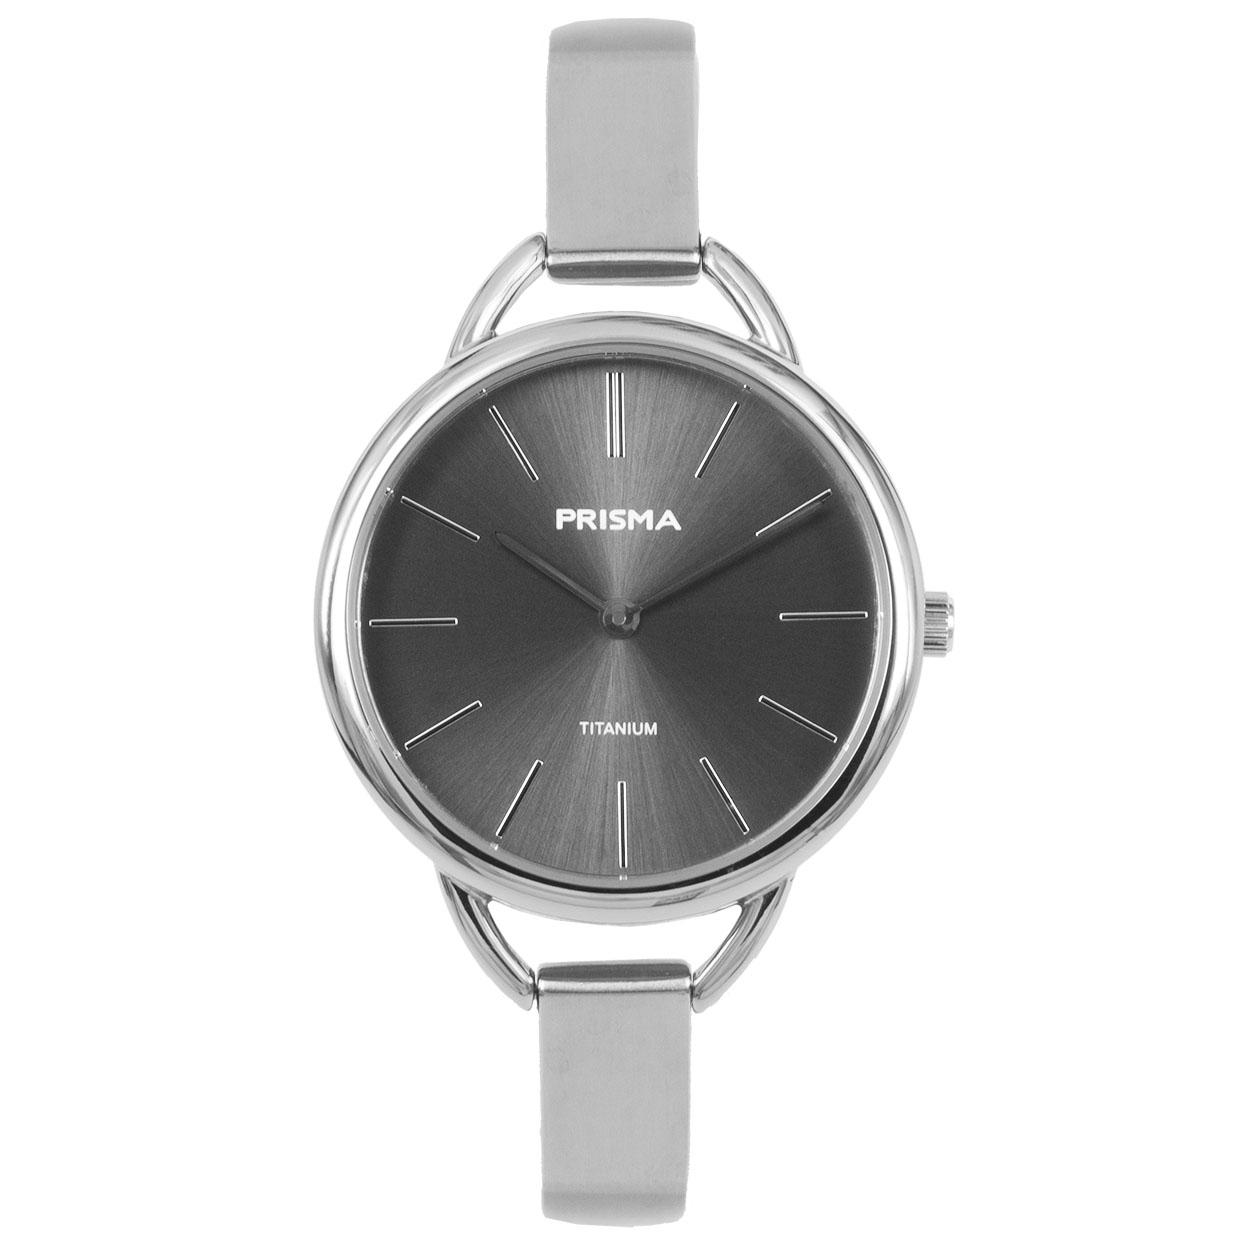 Prisma Dames Simplicity Titanium grijs horloge P.1479